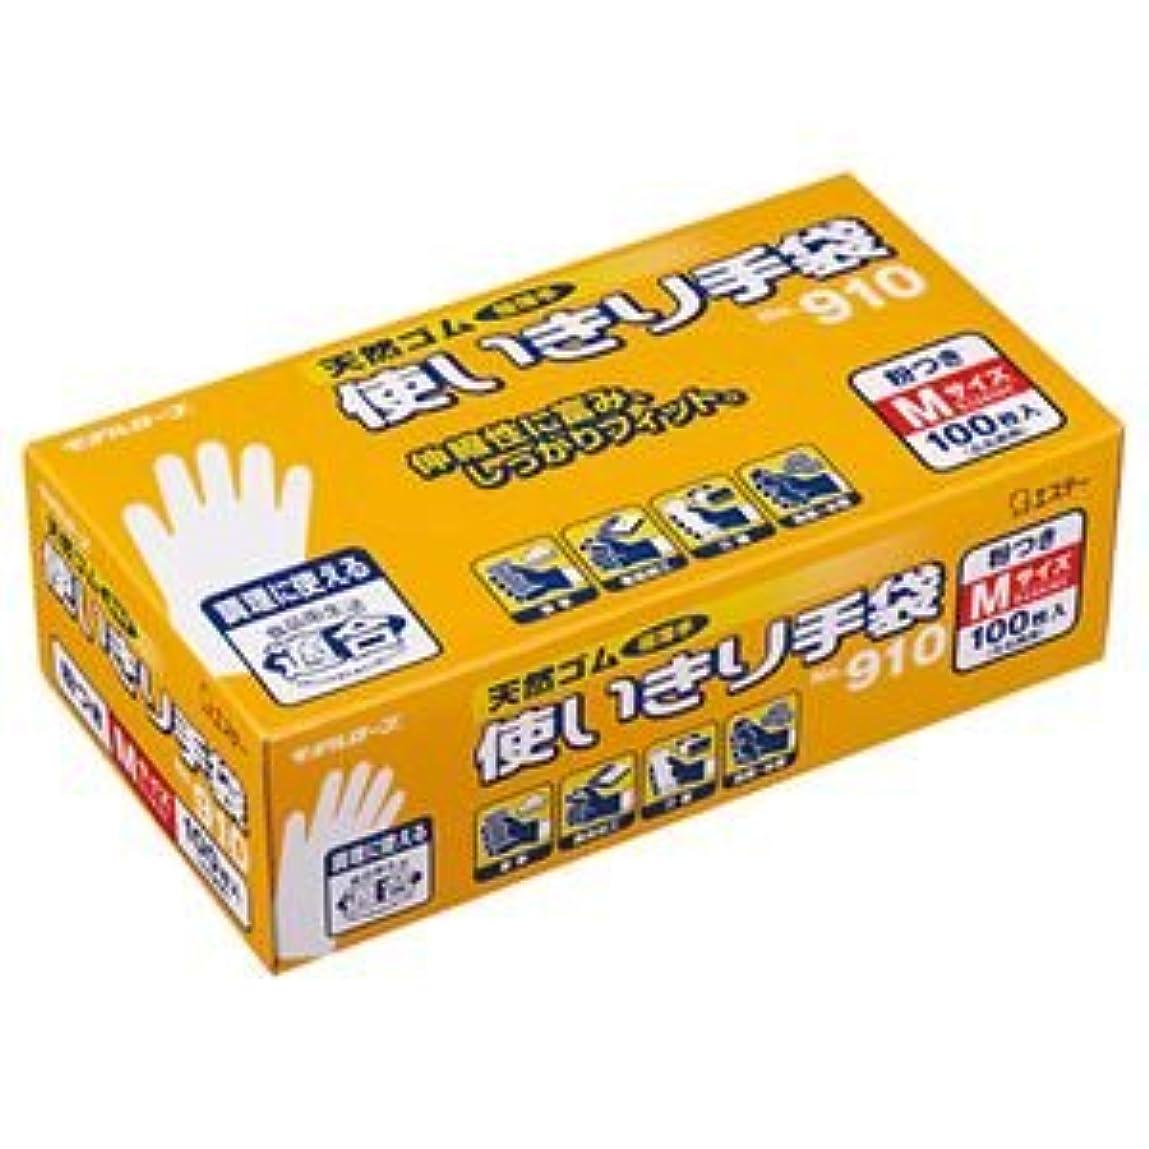 音声適用する比類のない(まとめ) エステー No.910 天然ゴム使いきり手袋(粉付) M 1箱(100枚) 【×5セット】 [簡易パッケージ品]